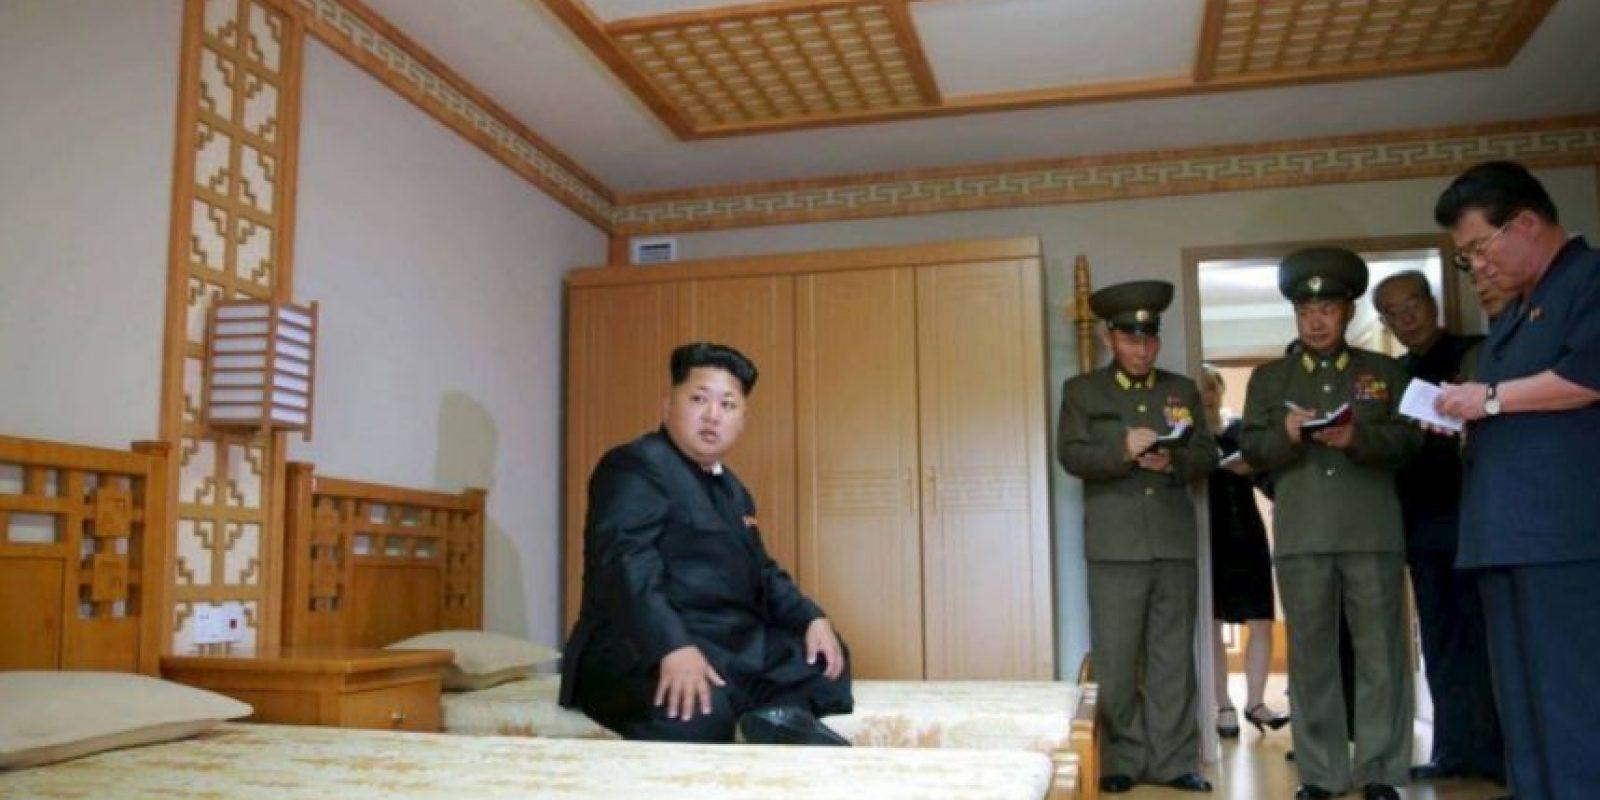 Las temperaturas en Pyongyang van en promedio desde los 29ºC (84ªF) hasta los 40ªC (104ªF). La humedad incrementa al 80%, lo cual incrementa la sensación de calor. Foto:AFP